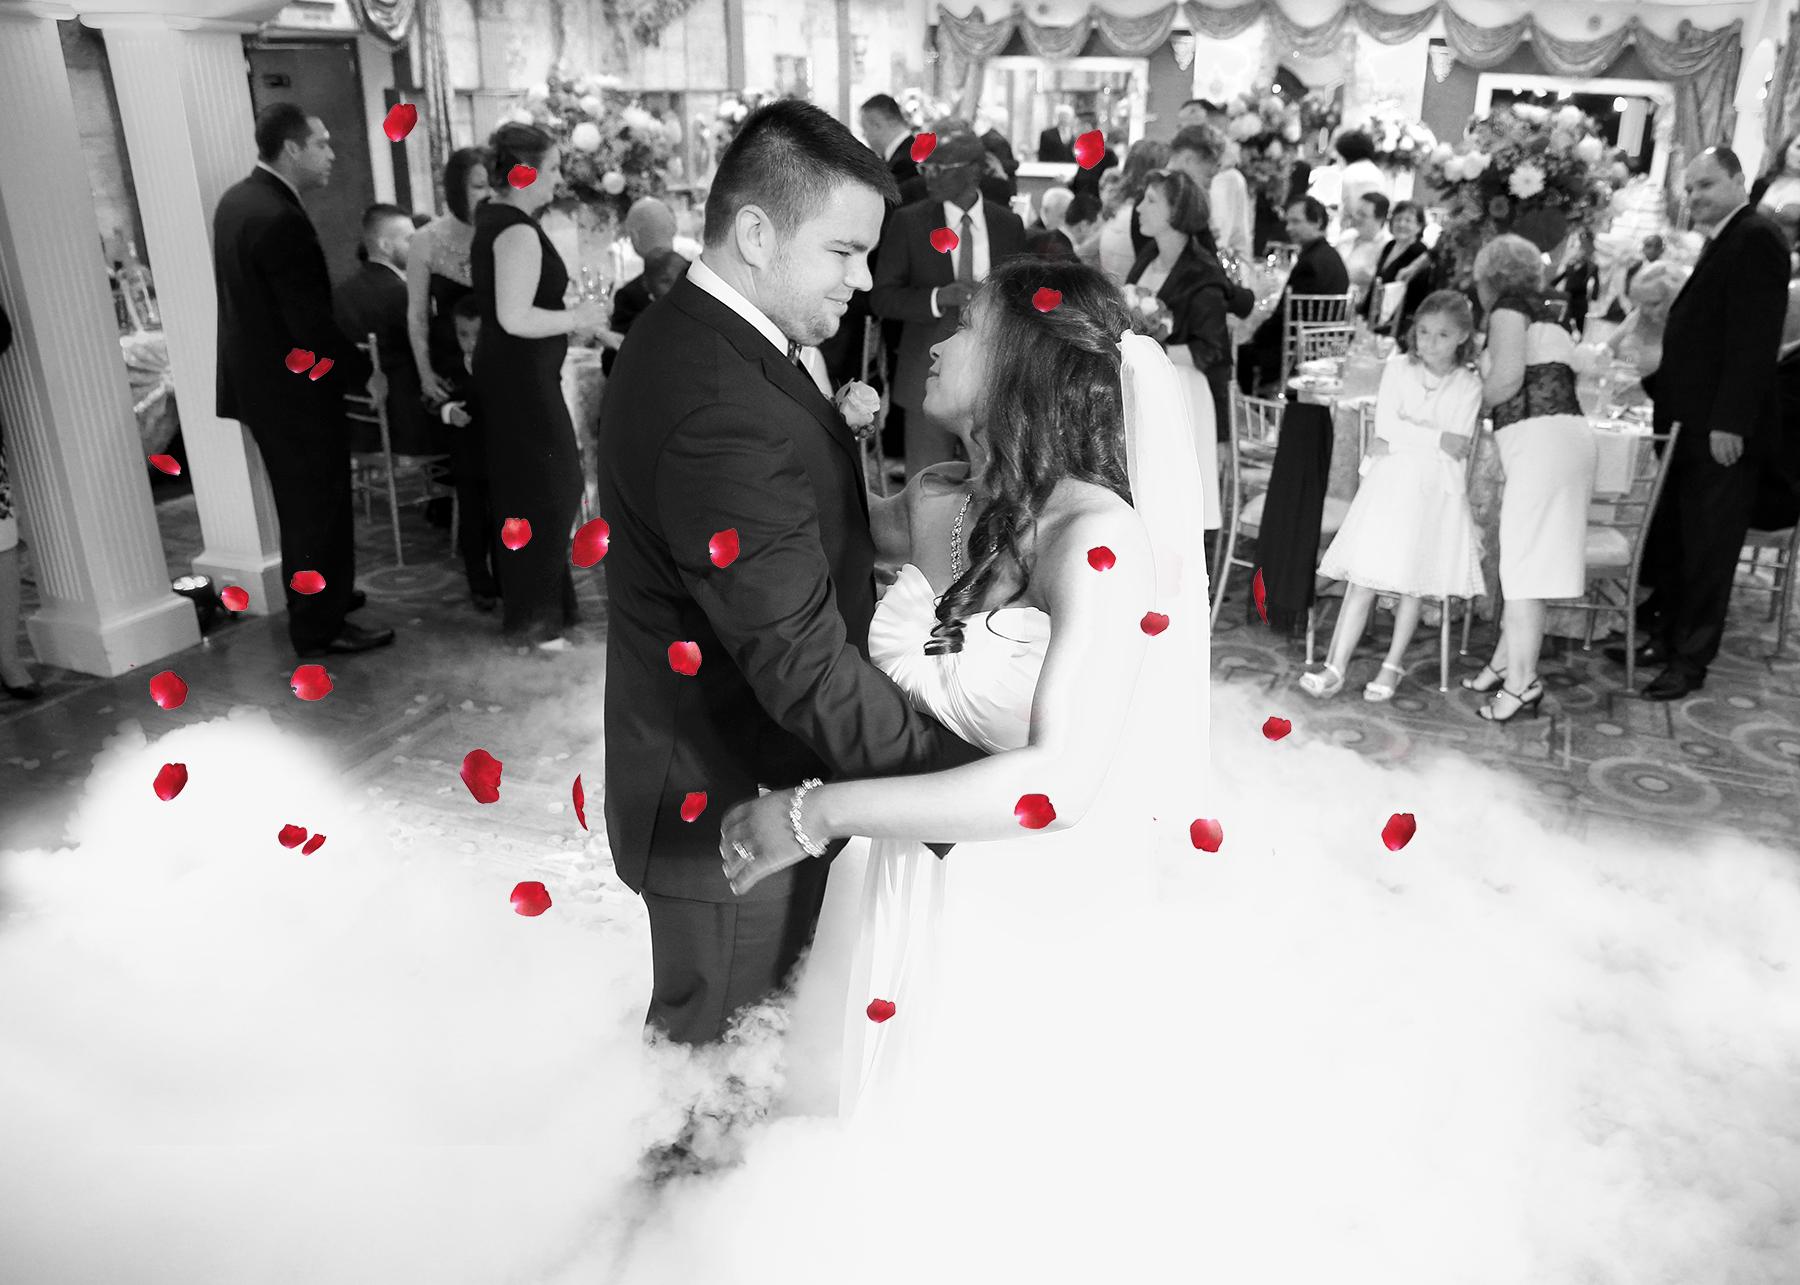 Ogłoszenie darmowe. Lokalizacja:  PA, NJ, NY. USŁUGI - Organizacja ślubów. Najlepszy fotograf na Twoja impreze.